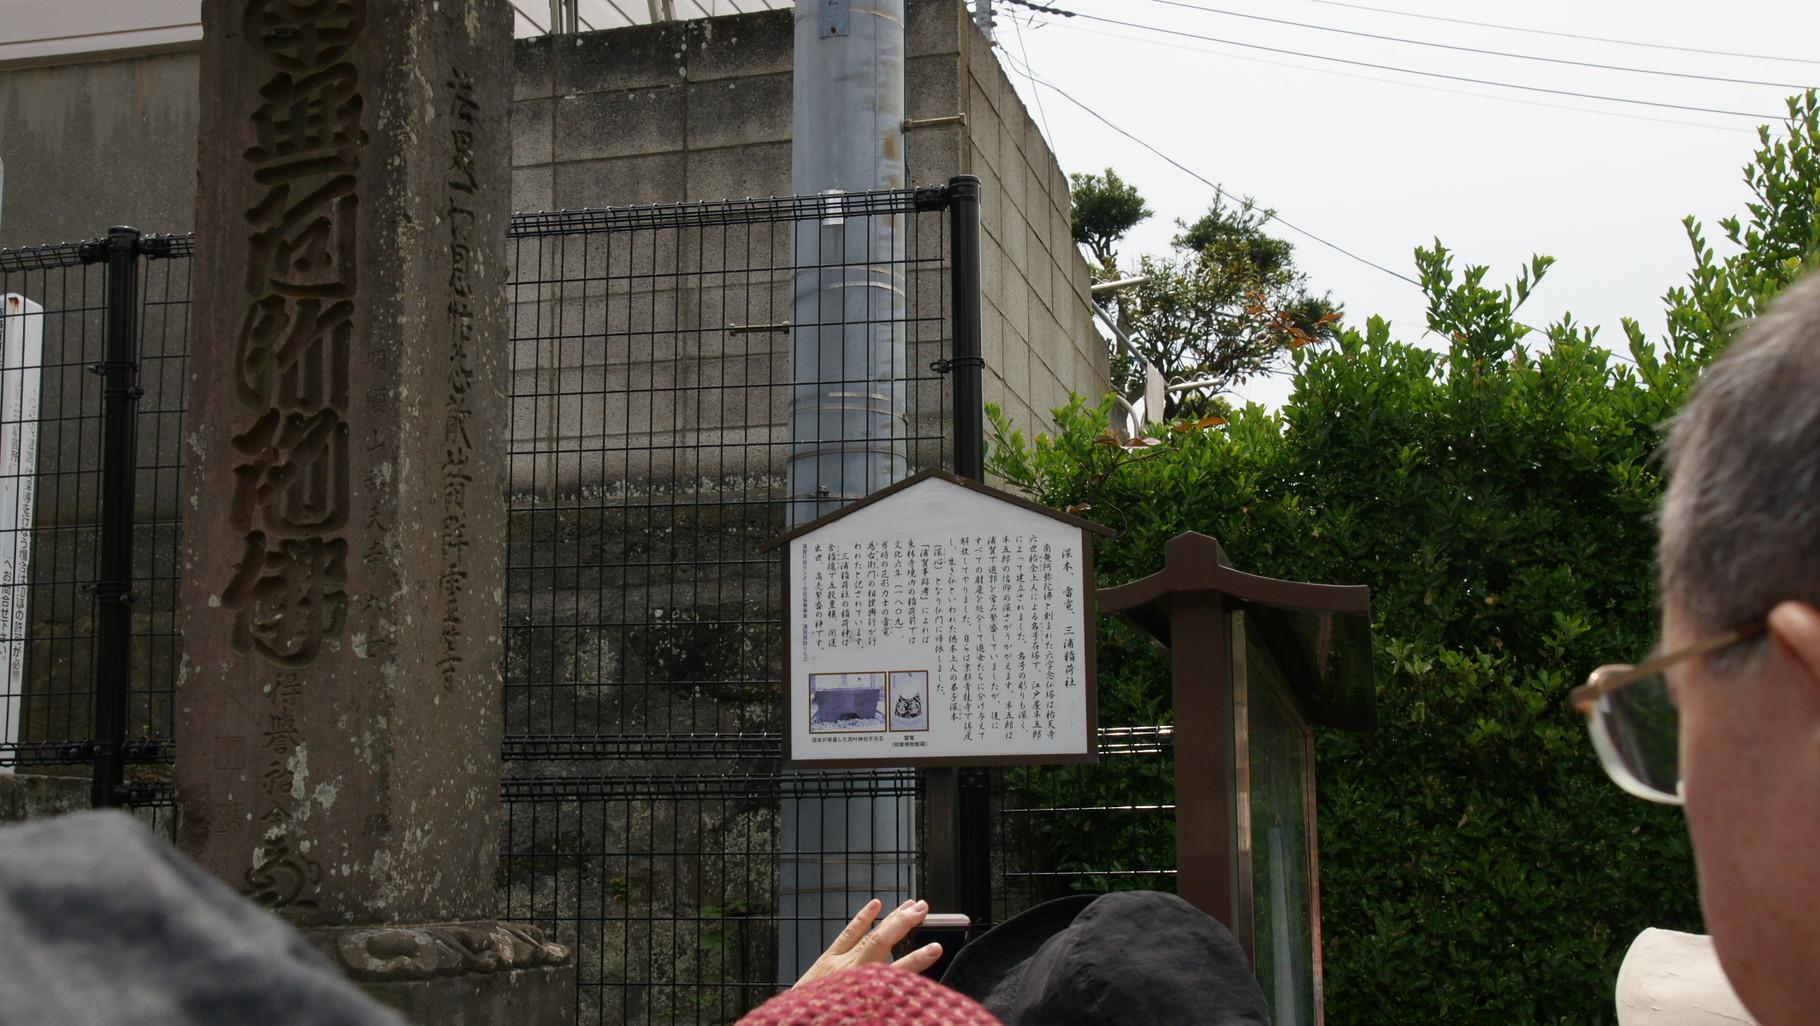 雷電為衛門の相撲興行の話